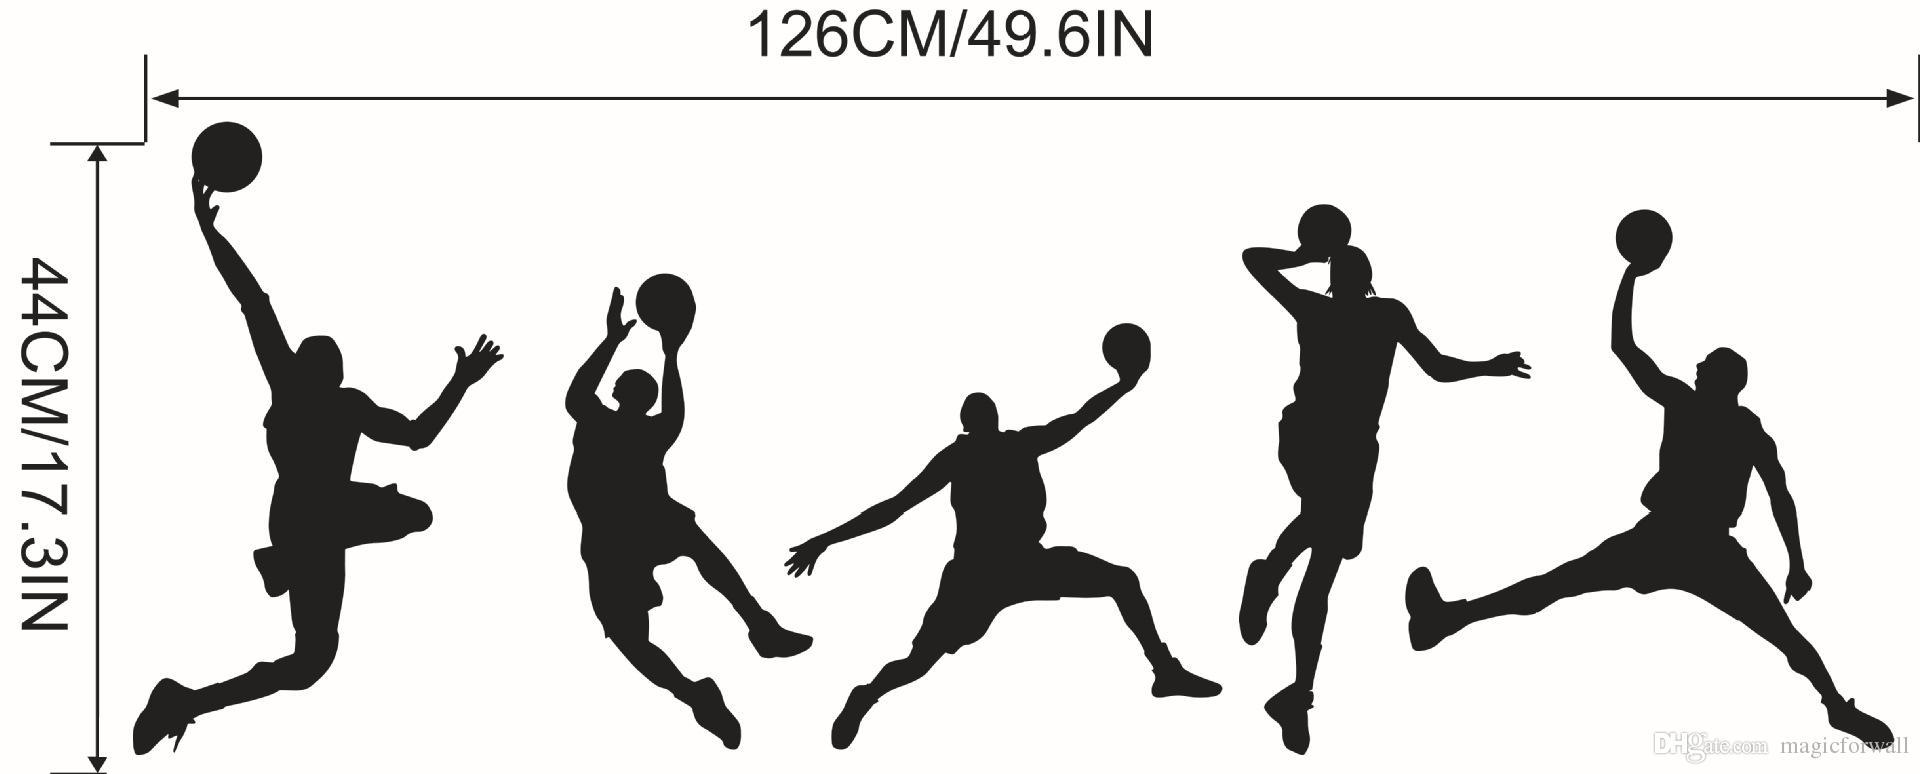 Basketball Match Wall Art Mural Decor Home Decoration Wallpaper Decal Sticker Sport Boys Kids Room Art Poster Graphic